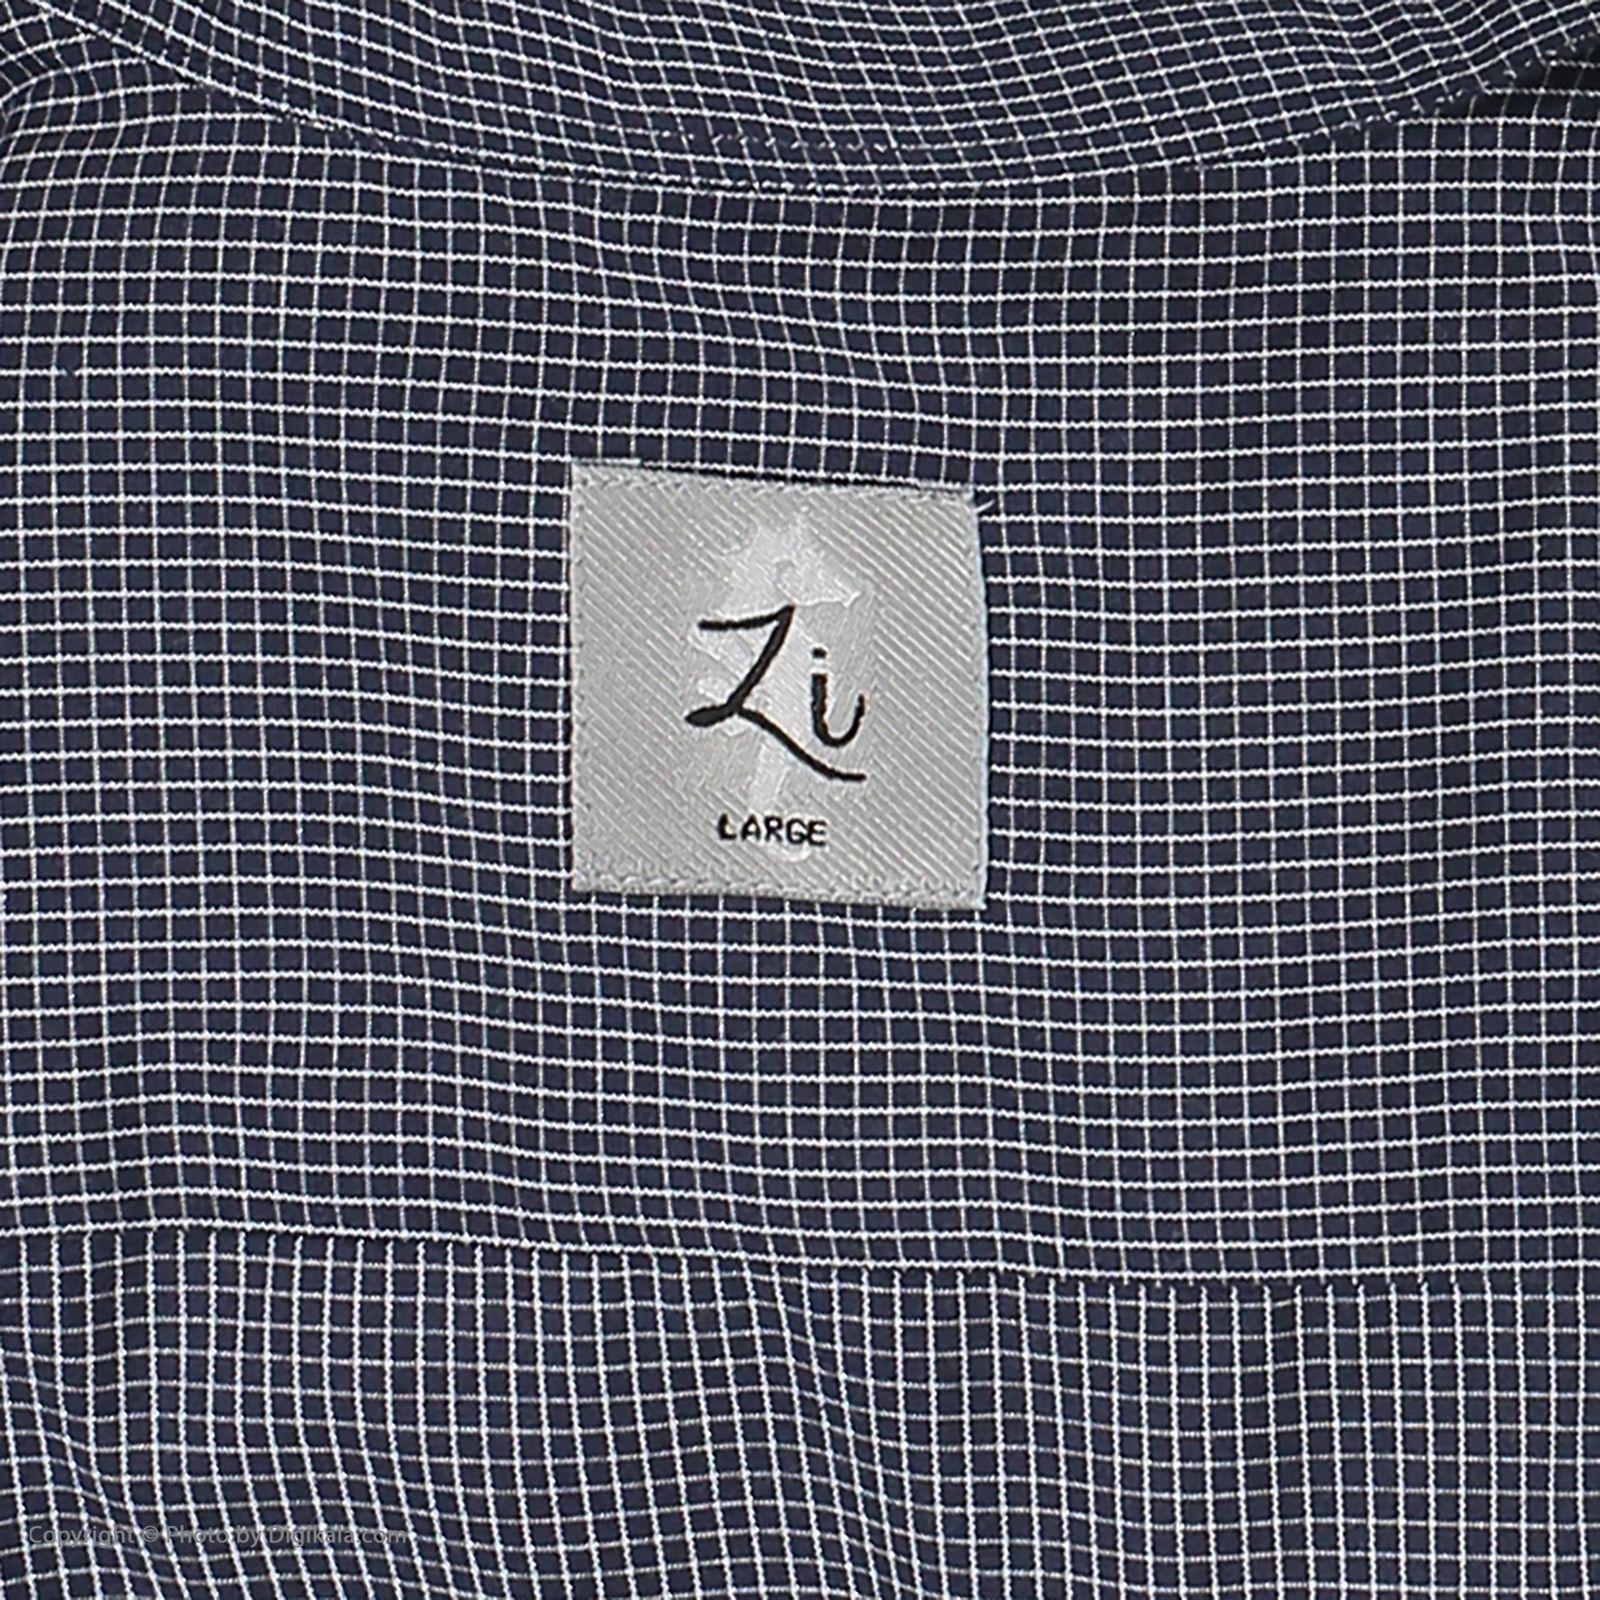 پیراهن مردانه زی مدل 15311855901 -  - 6